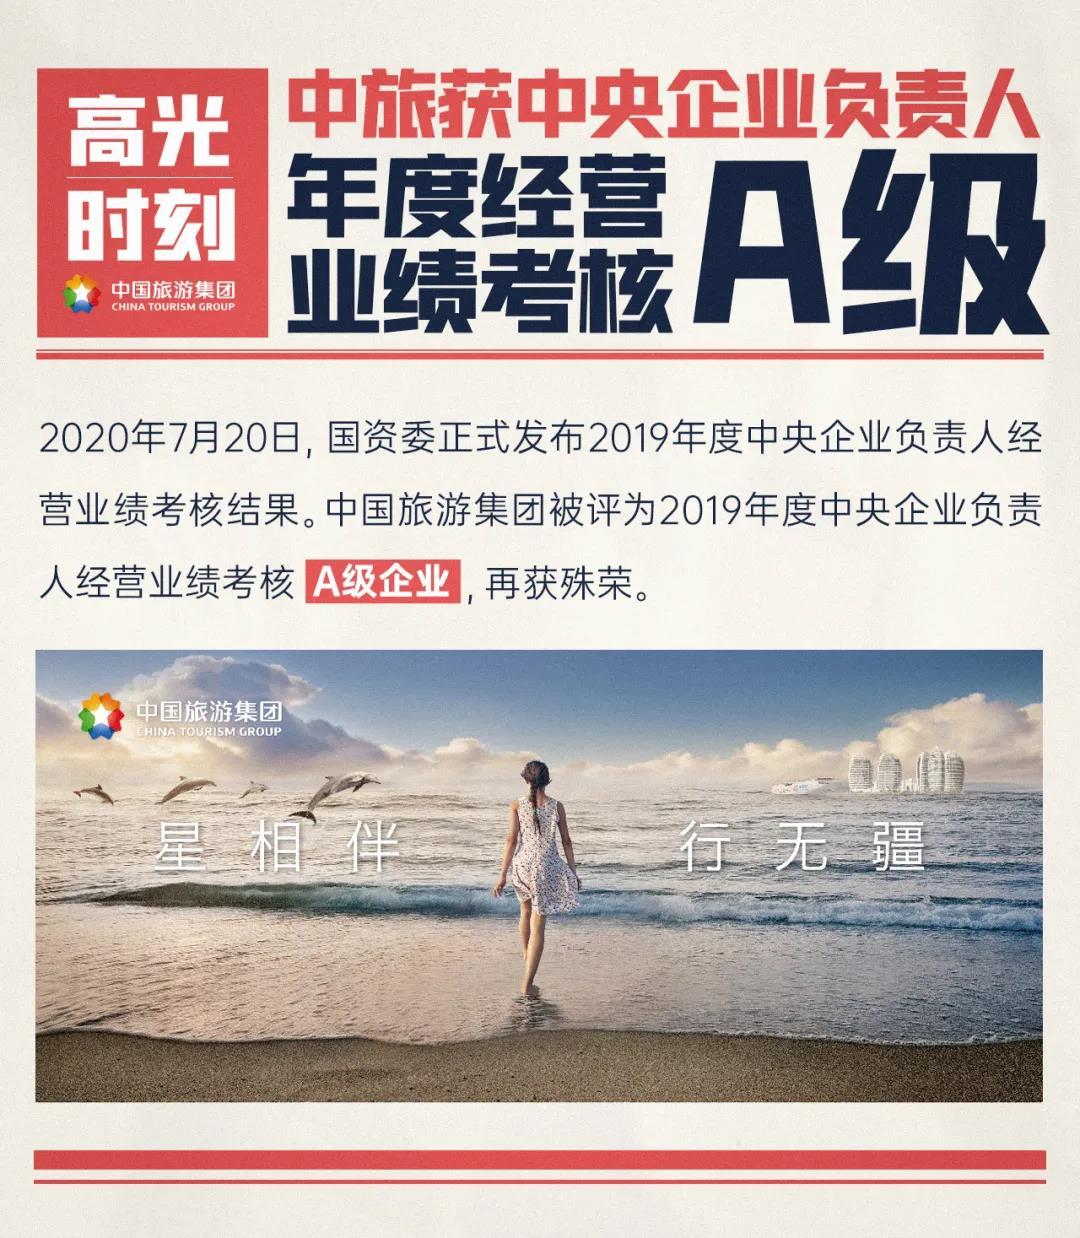 全程燃爆!2020专属于中国旅游集团的十大高光时刻!